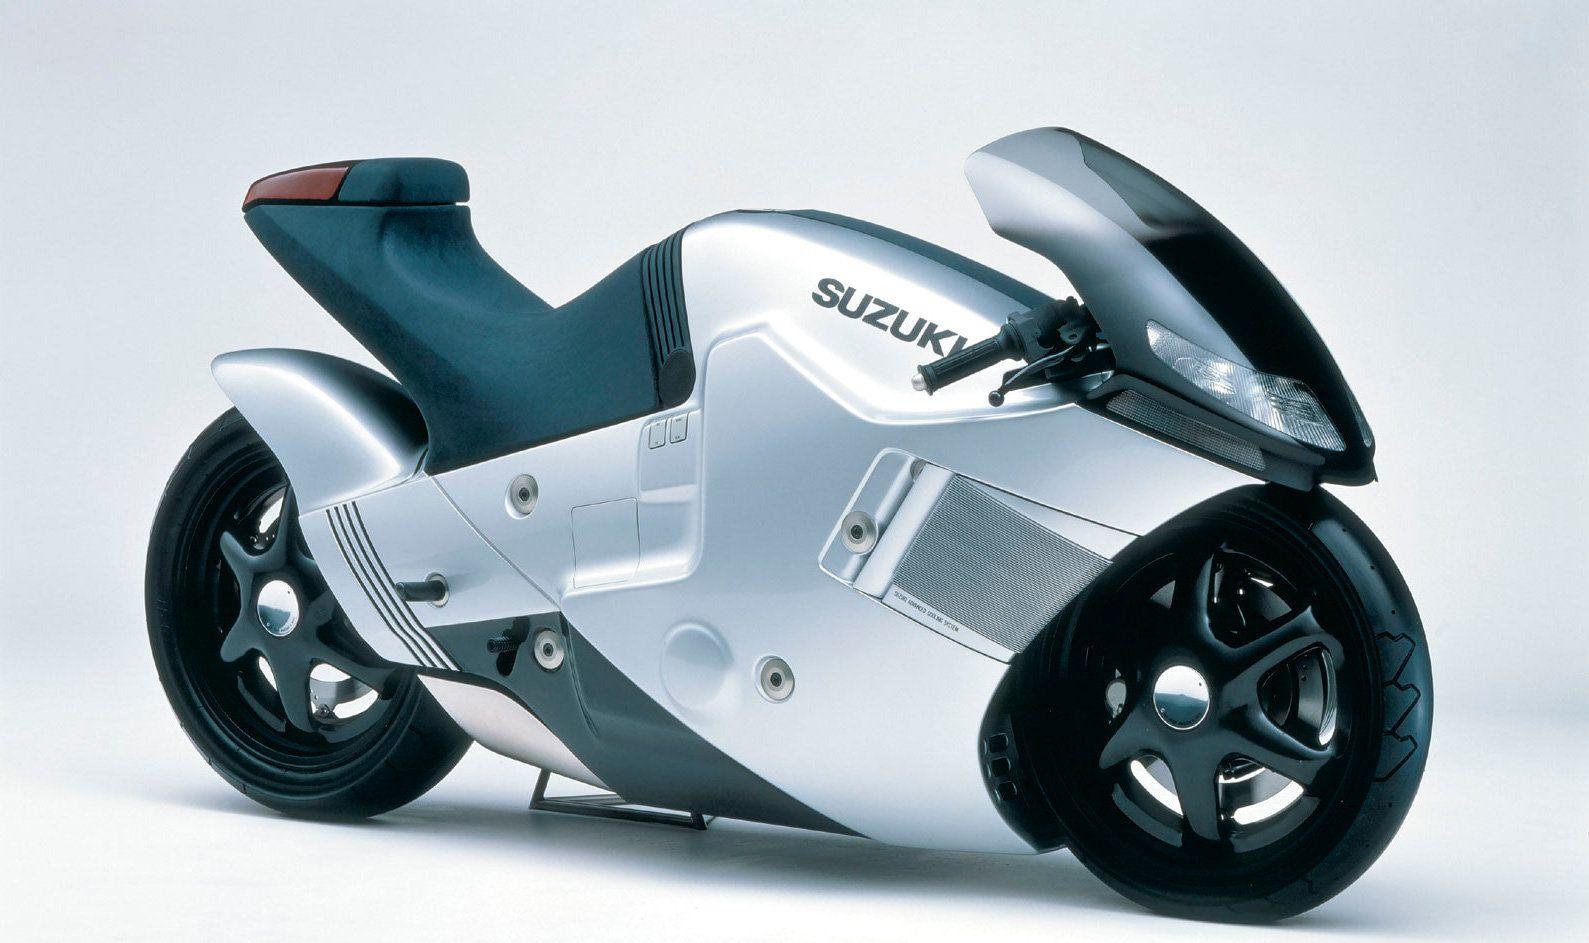 1987-suzuki-nuda